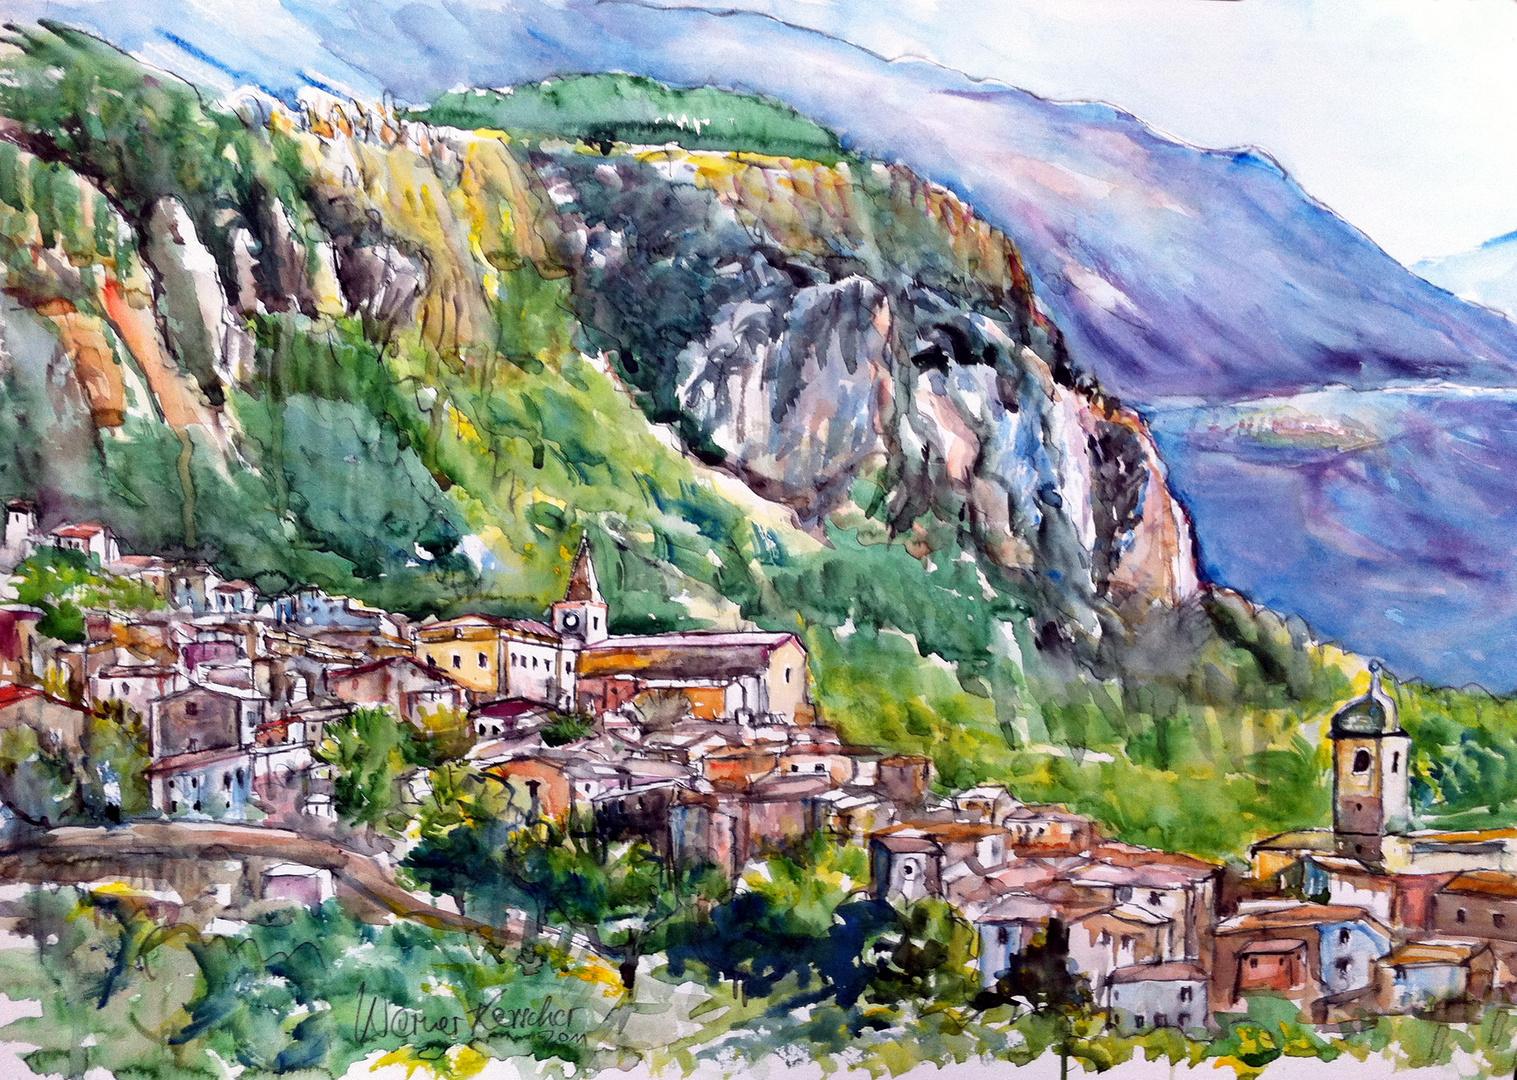 Caramanico Terme - Abruzzen Italy